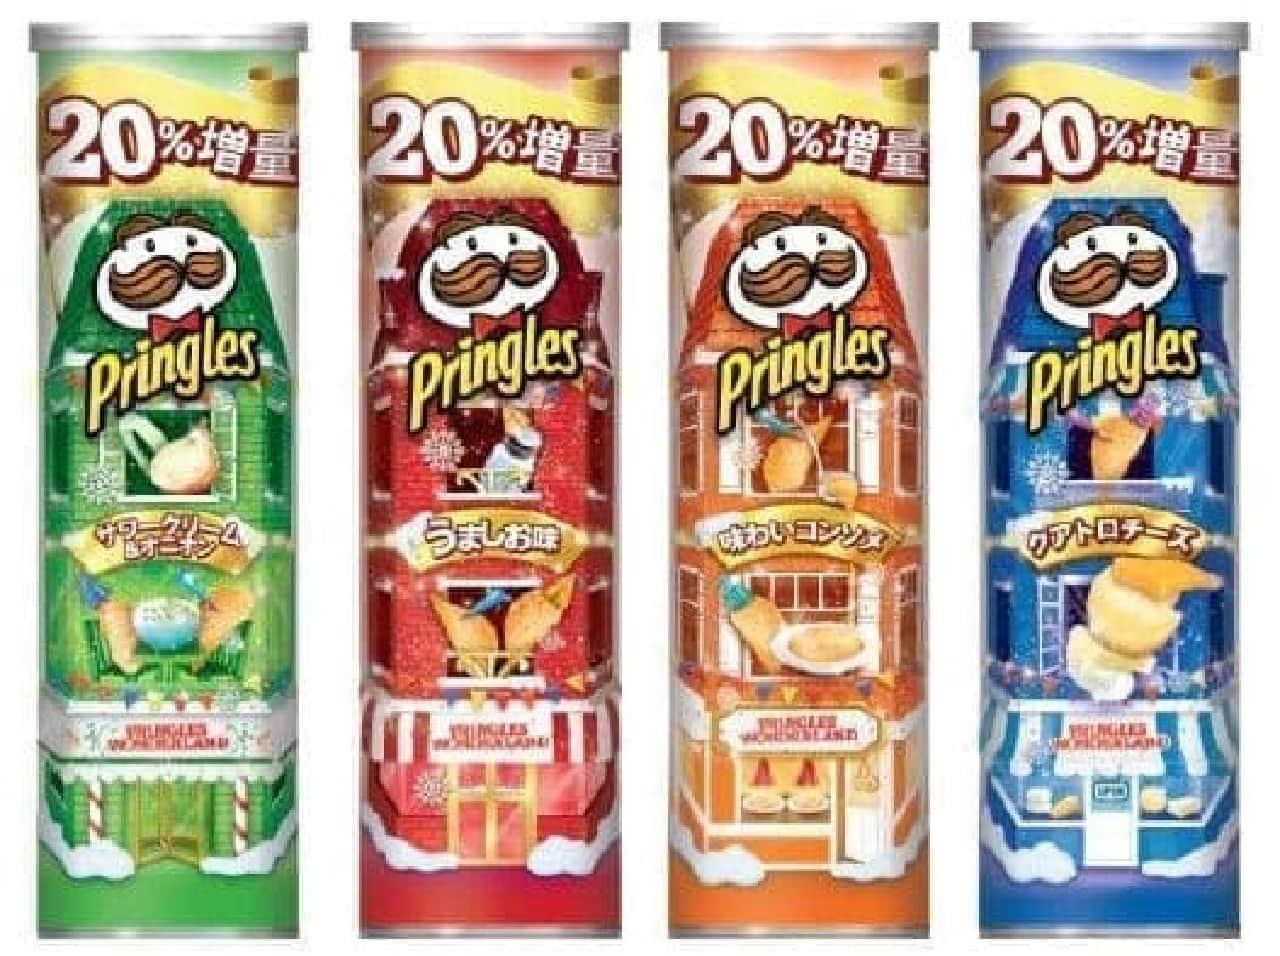 プリングルズ「冬季限定20%増量缶」